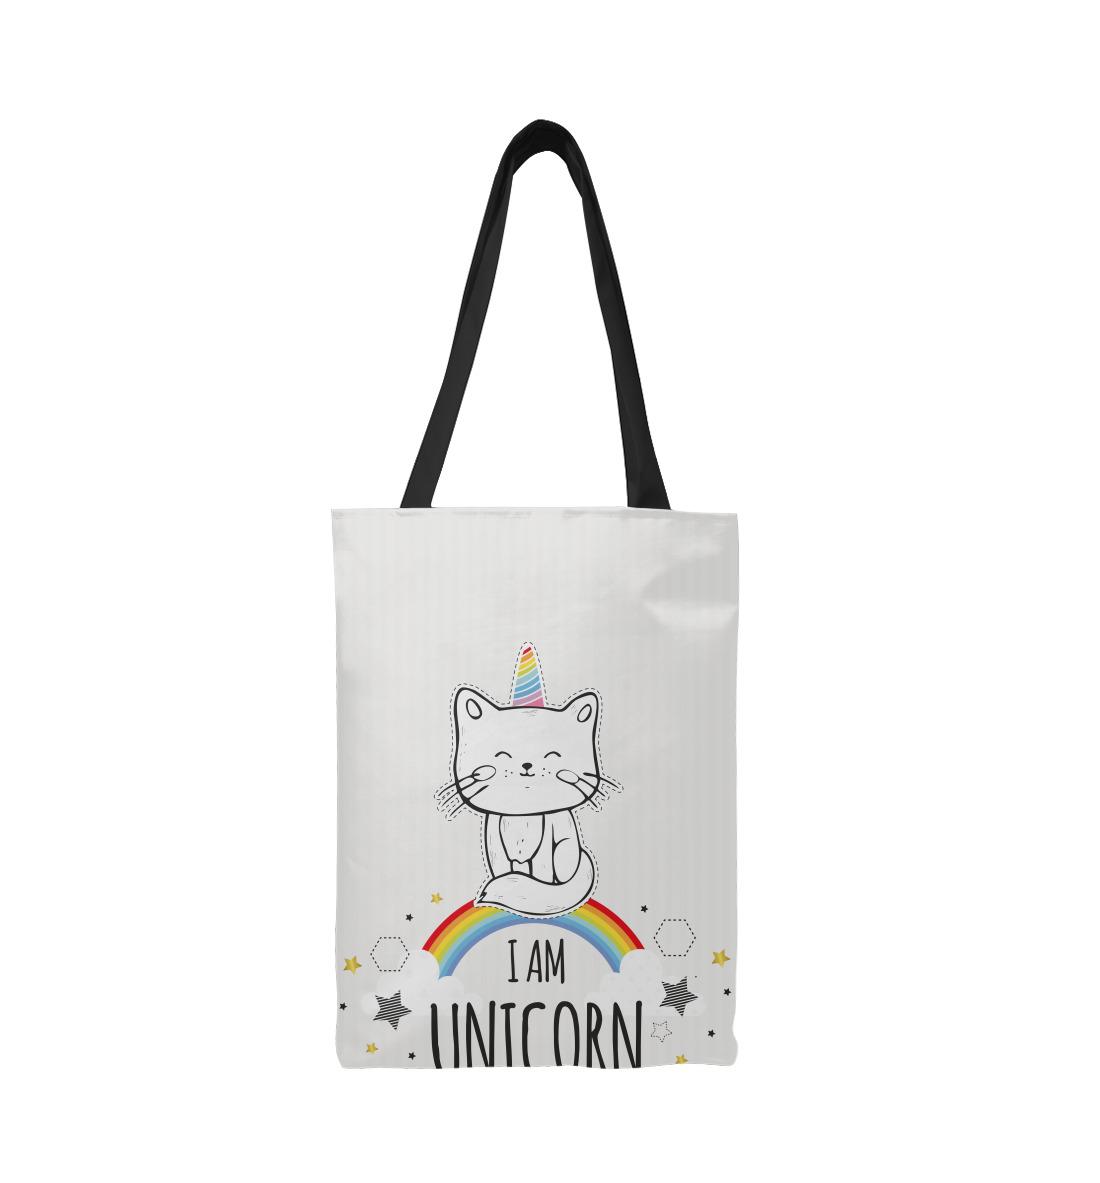 Unicorn Cat